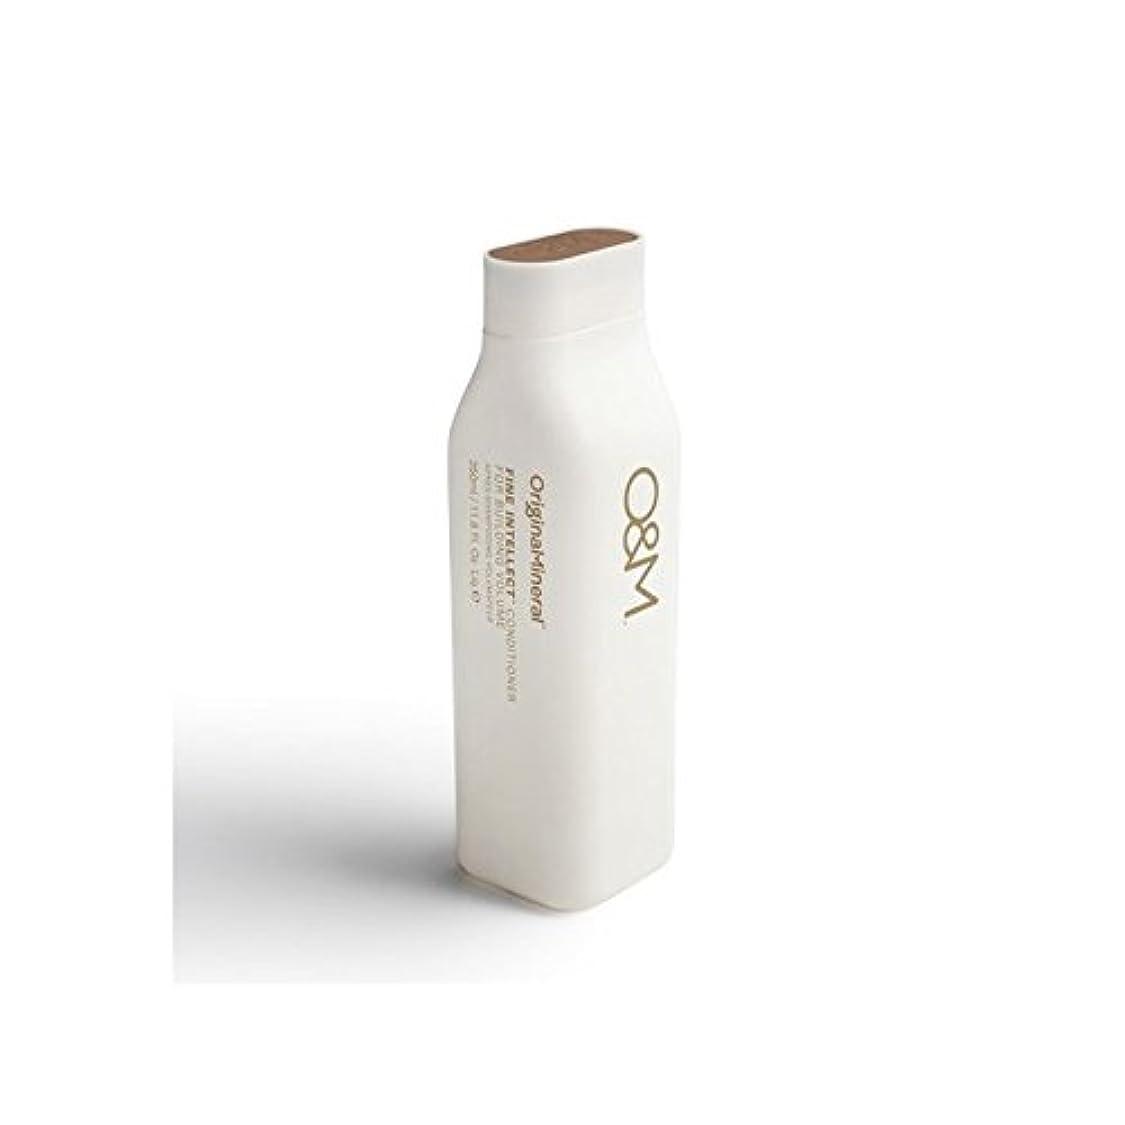 北極圏割り込み望まないオリジナル&ミネラル細かい知性コンディショナー(350ミリリットル) x4 - Original & Mineral Fine Intellect Conditioner (350ml) (Pack of 4) [並行輸入品]